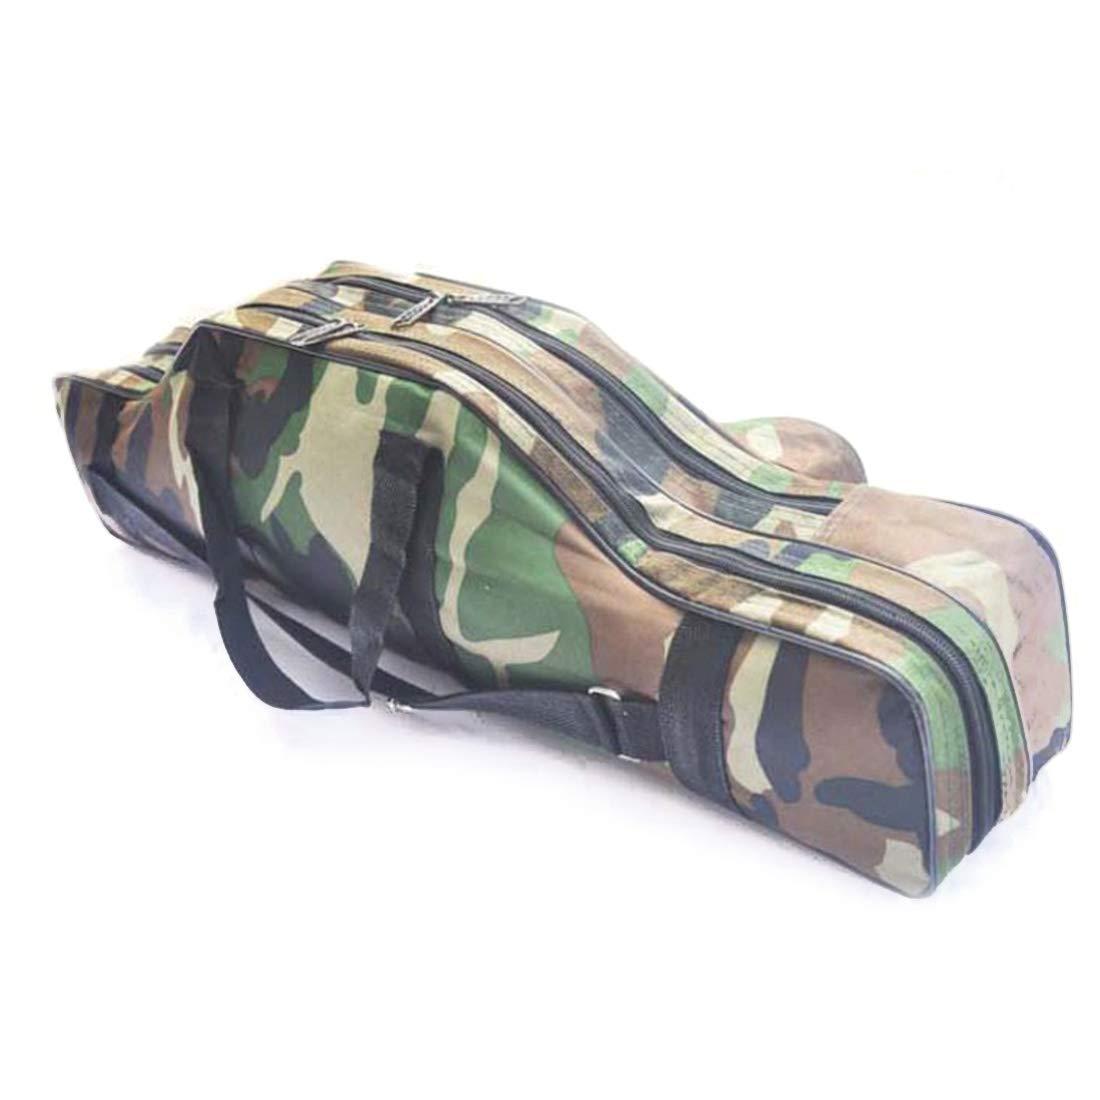 Kunliyin YY1 Outdoor Canvas Material Camouflage Farbe praktische multifunktionale Floßfischtasche (Größe : One Größe)